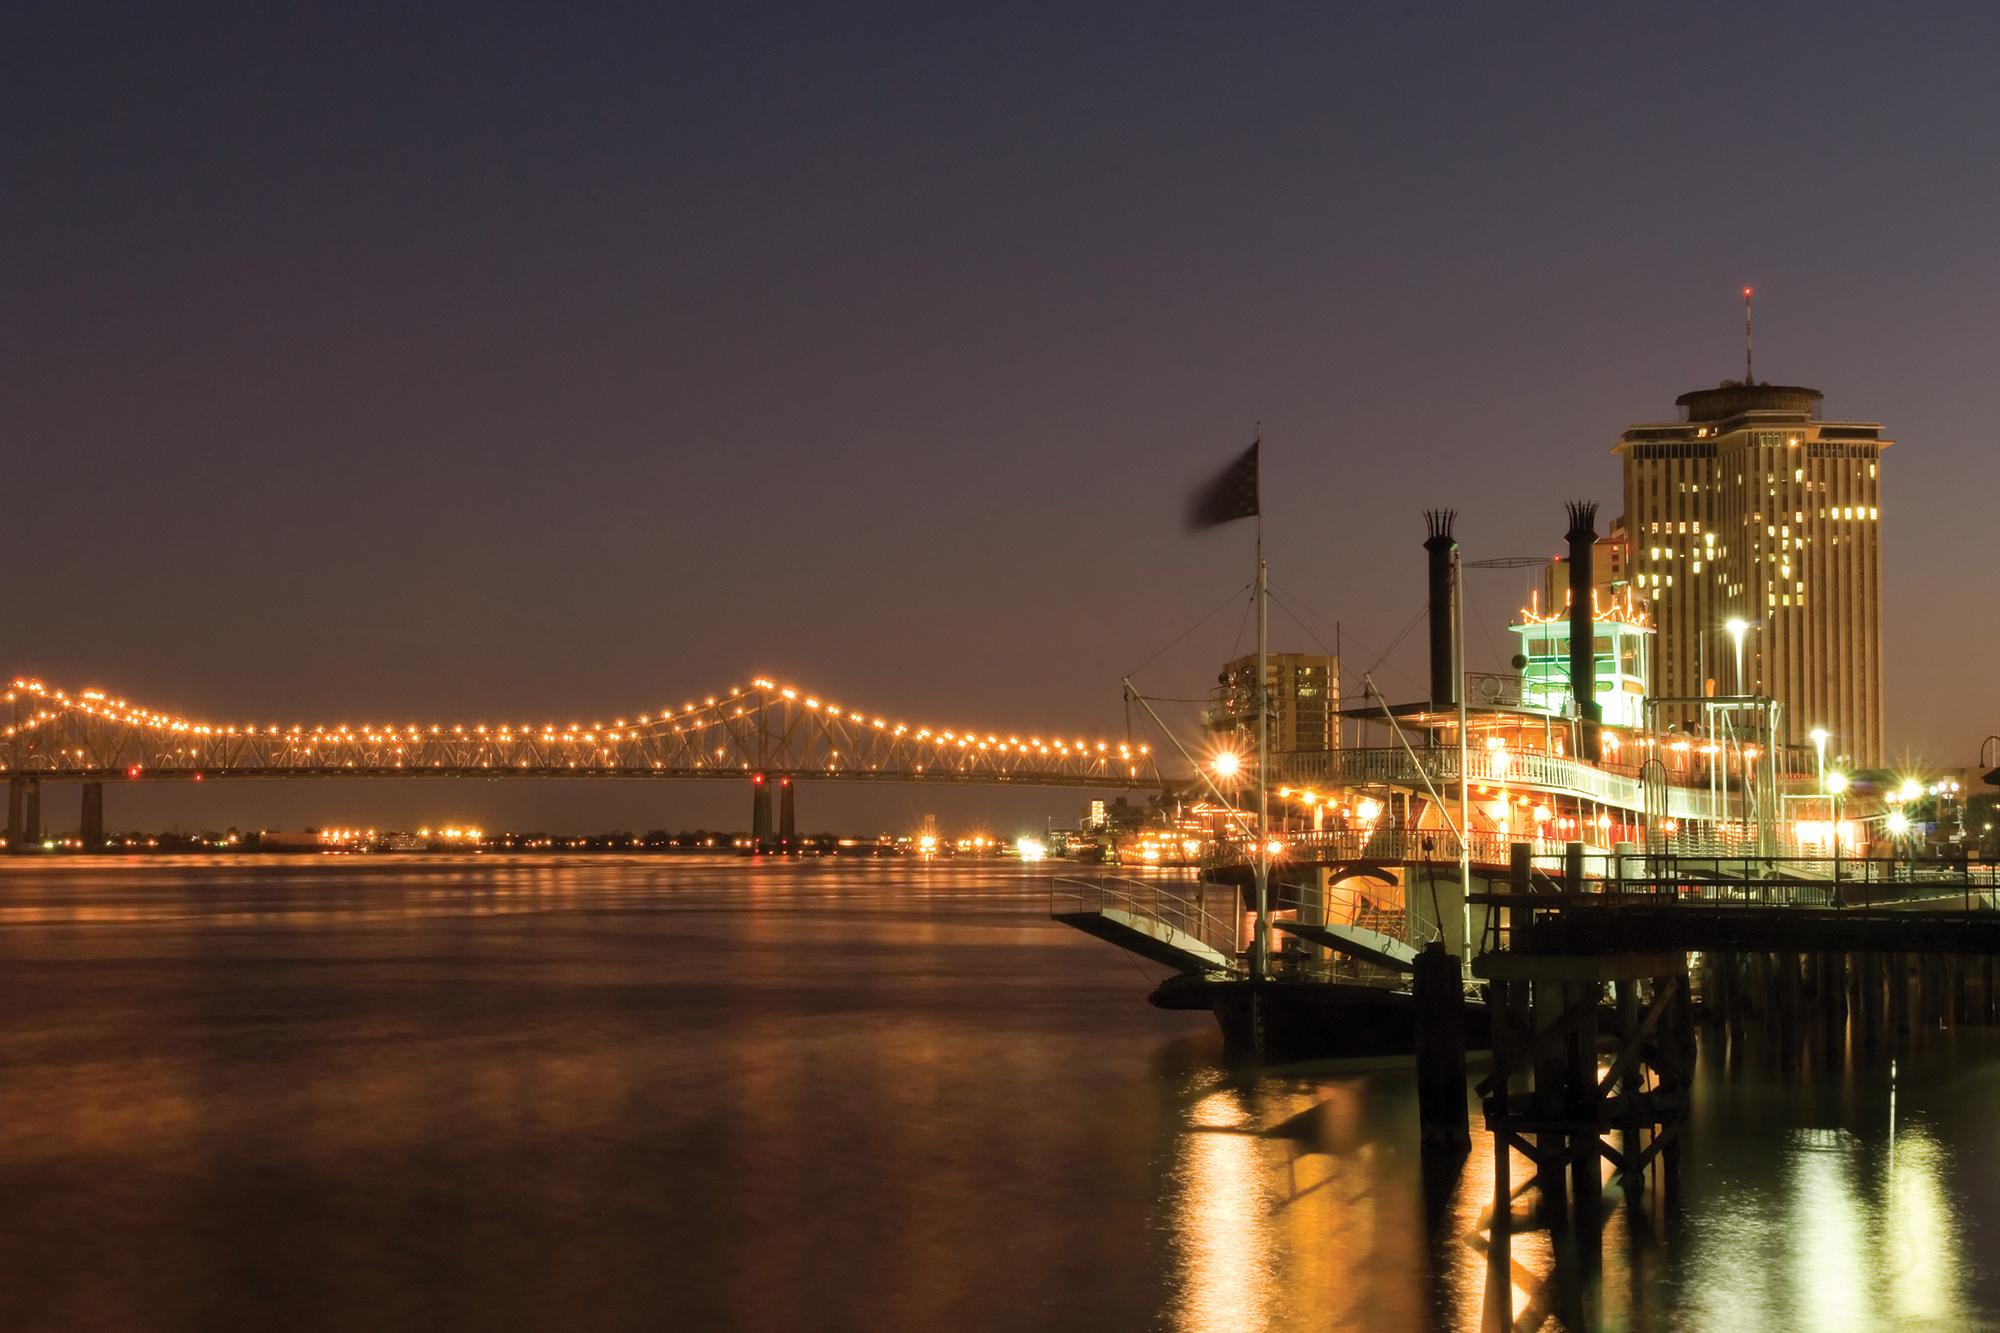 River Boat Missippi River, New Orleans